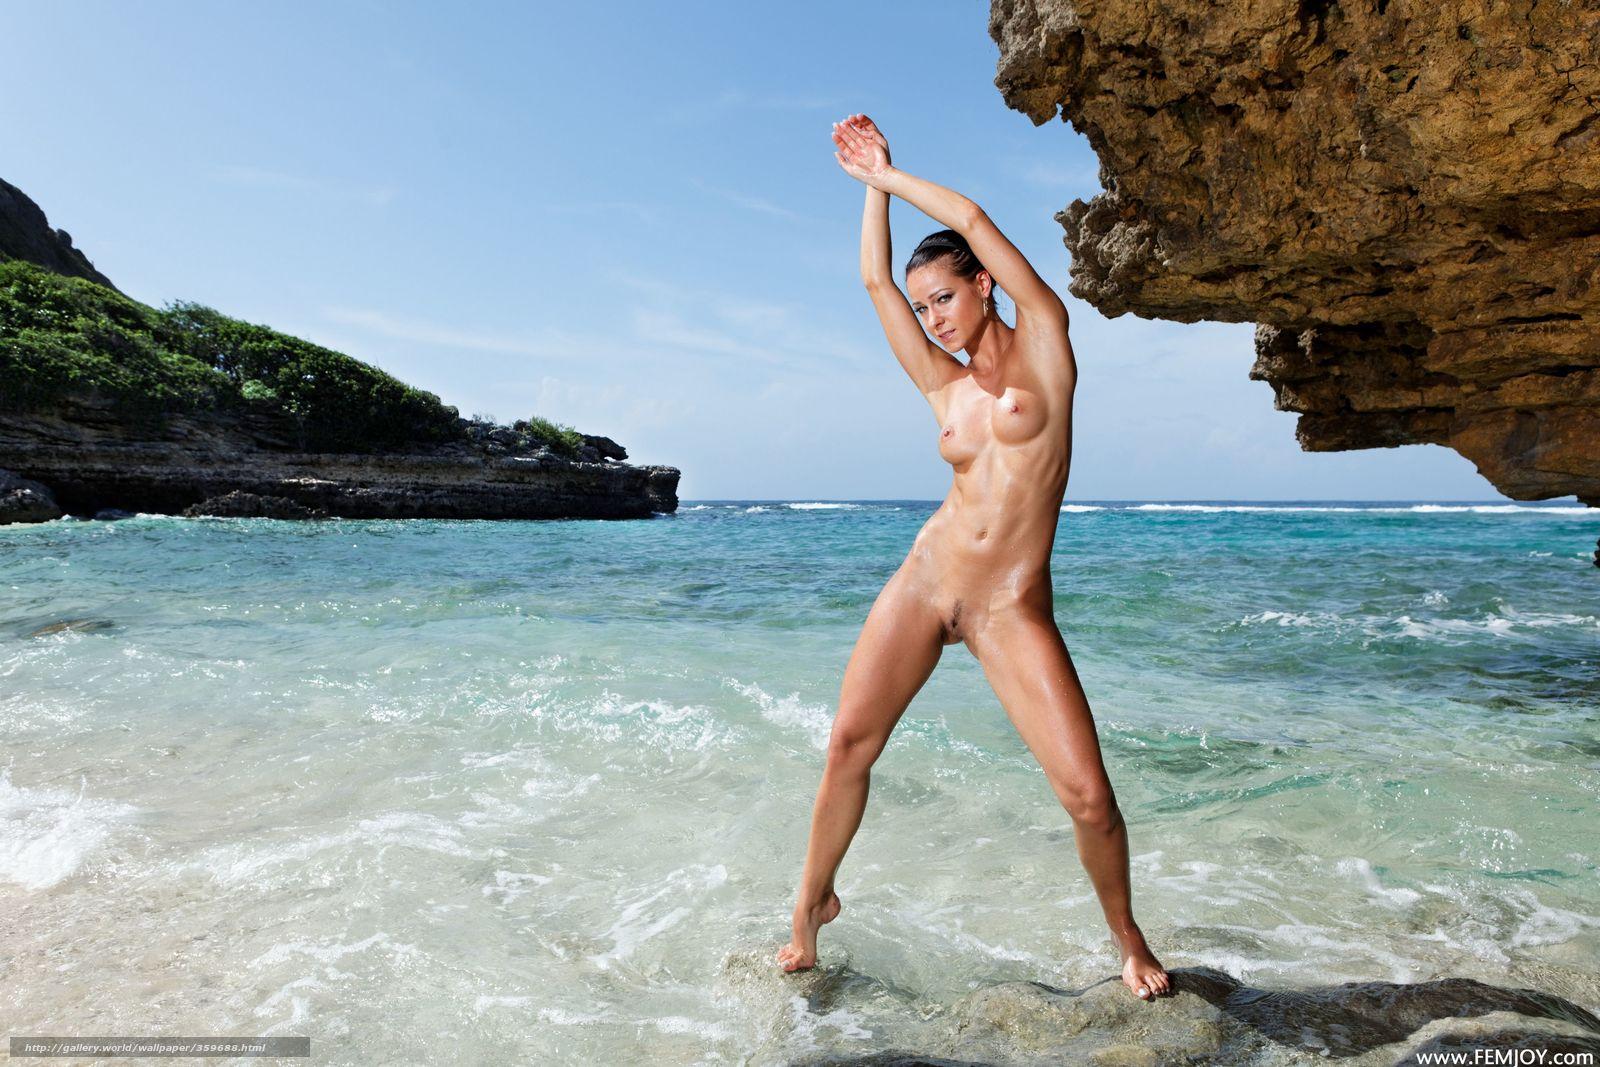 Фотографии голых девушек в бассейне 15 фотография